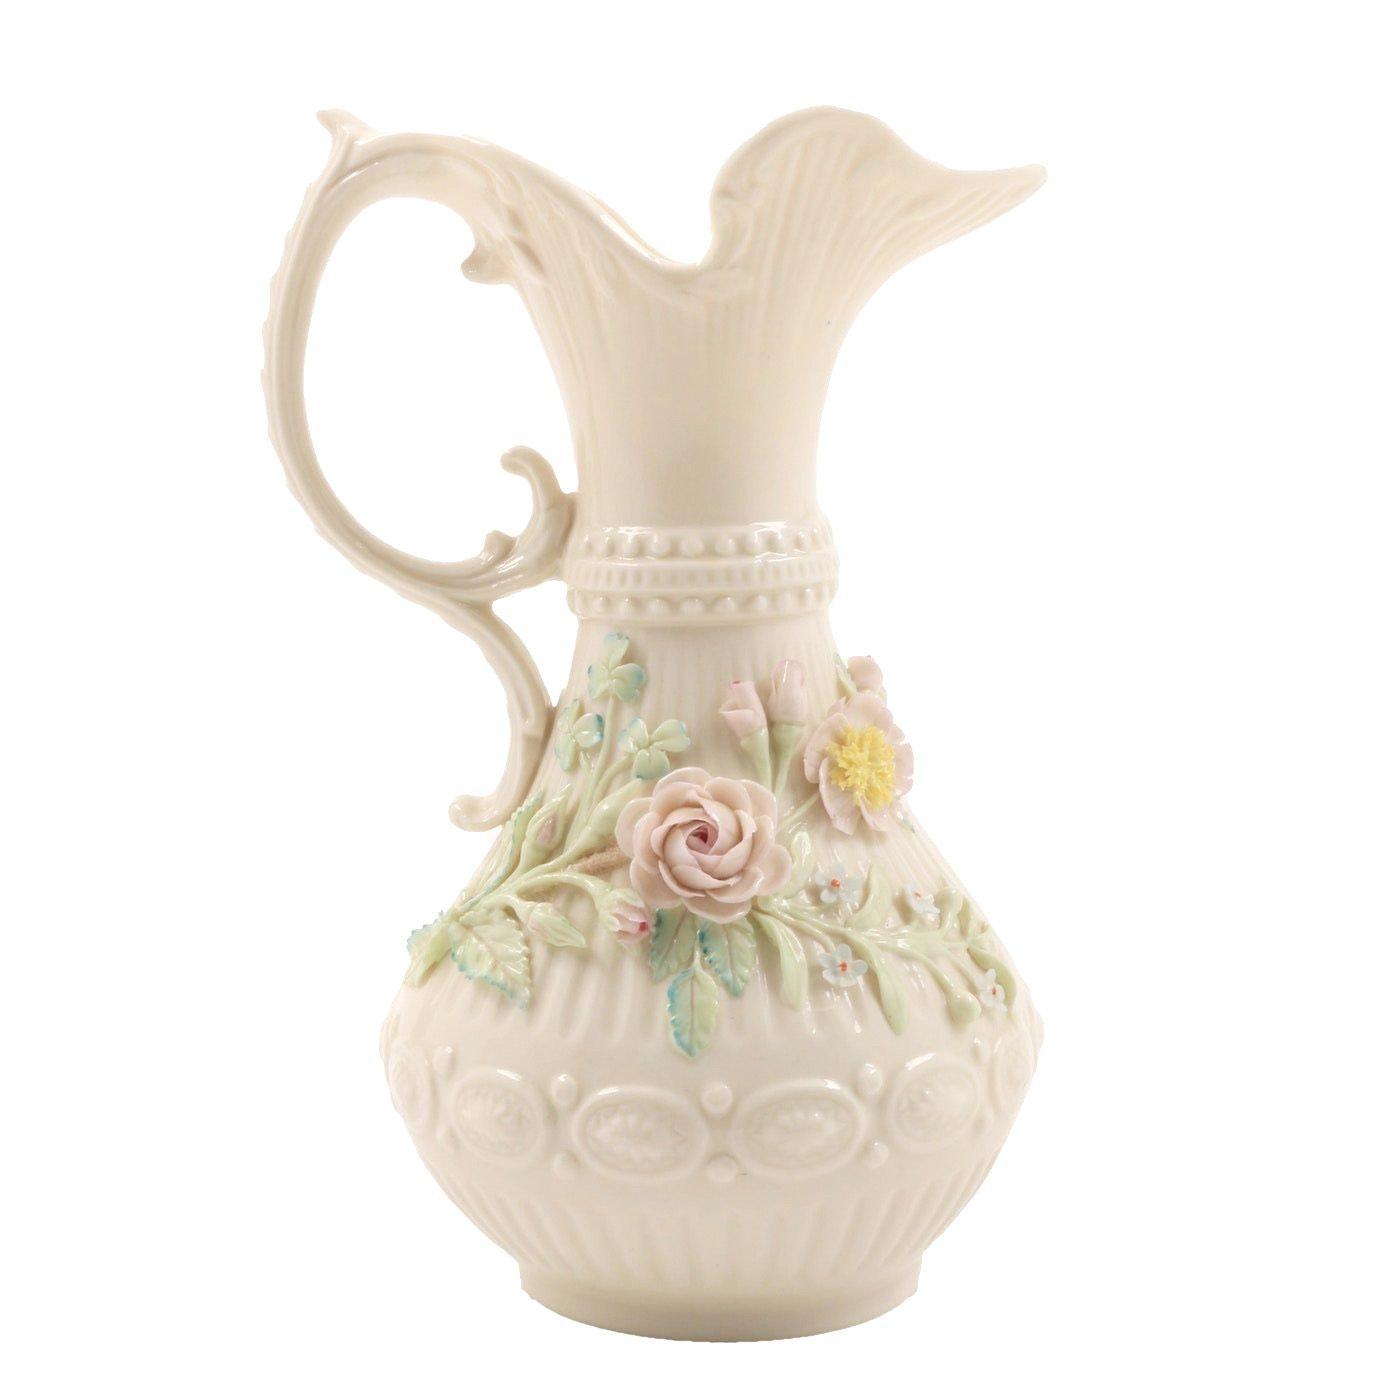 Belleek Porcelain Ewer